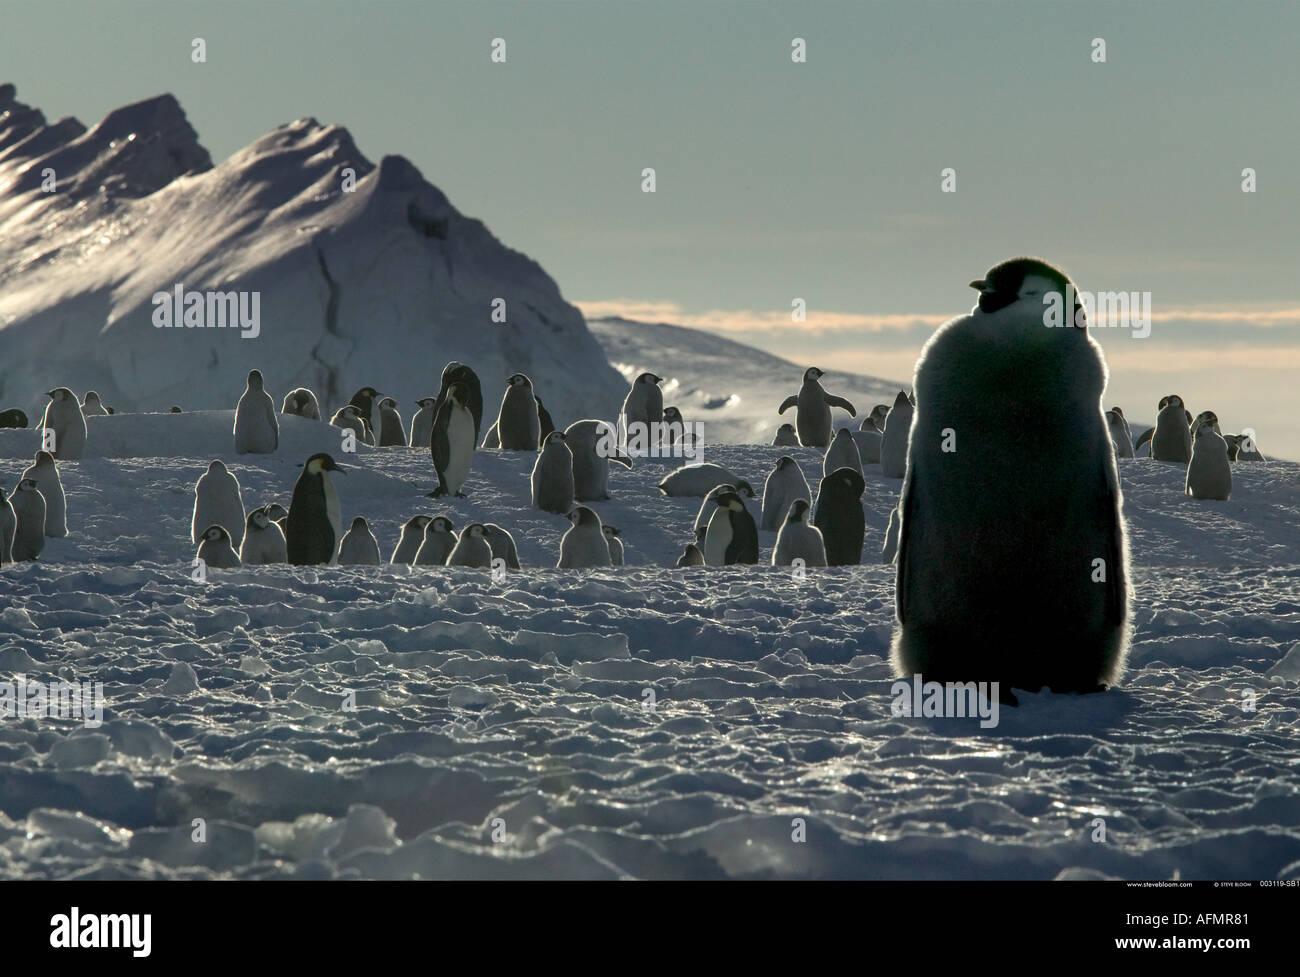 Giovane imperatore pinguino in attesa di cibo Cape Washington Antartide Immagini Stock